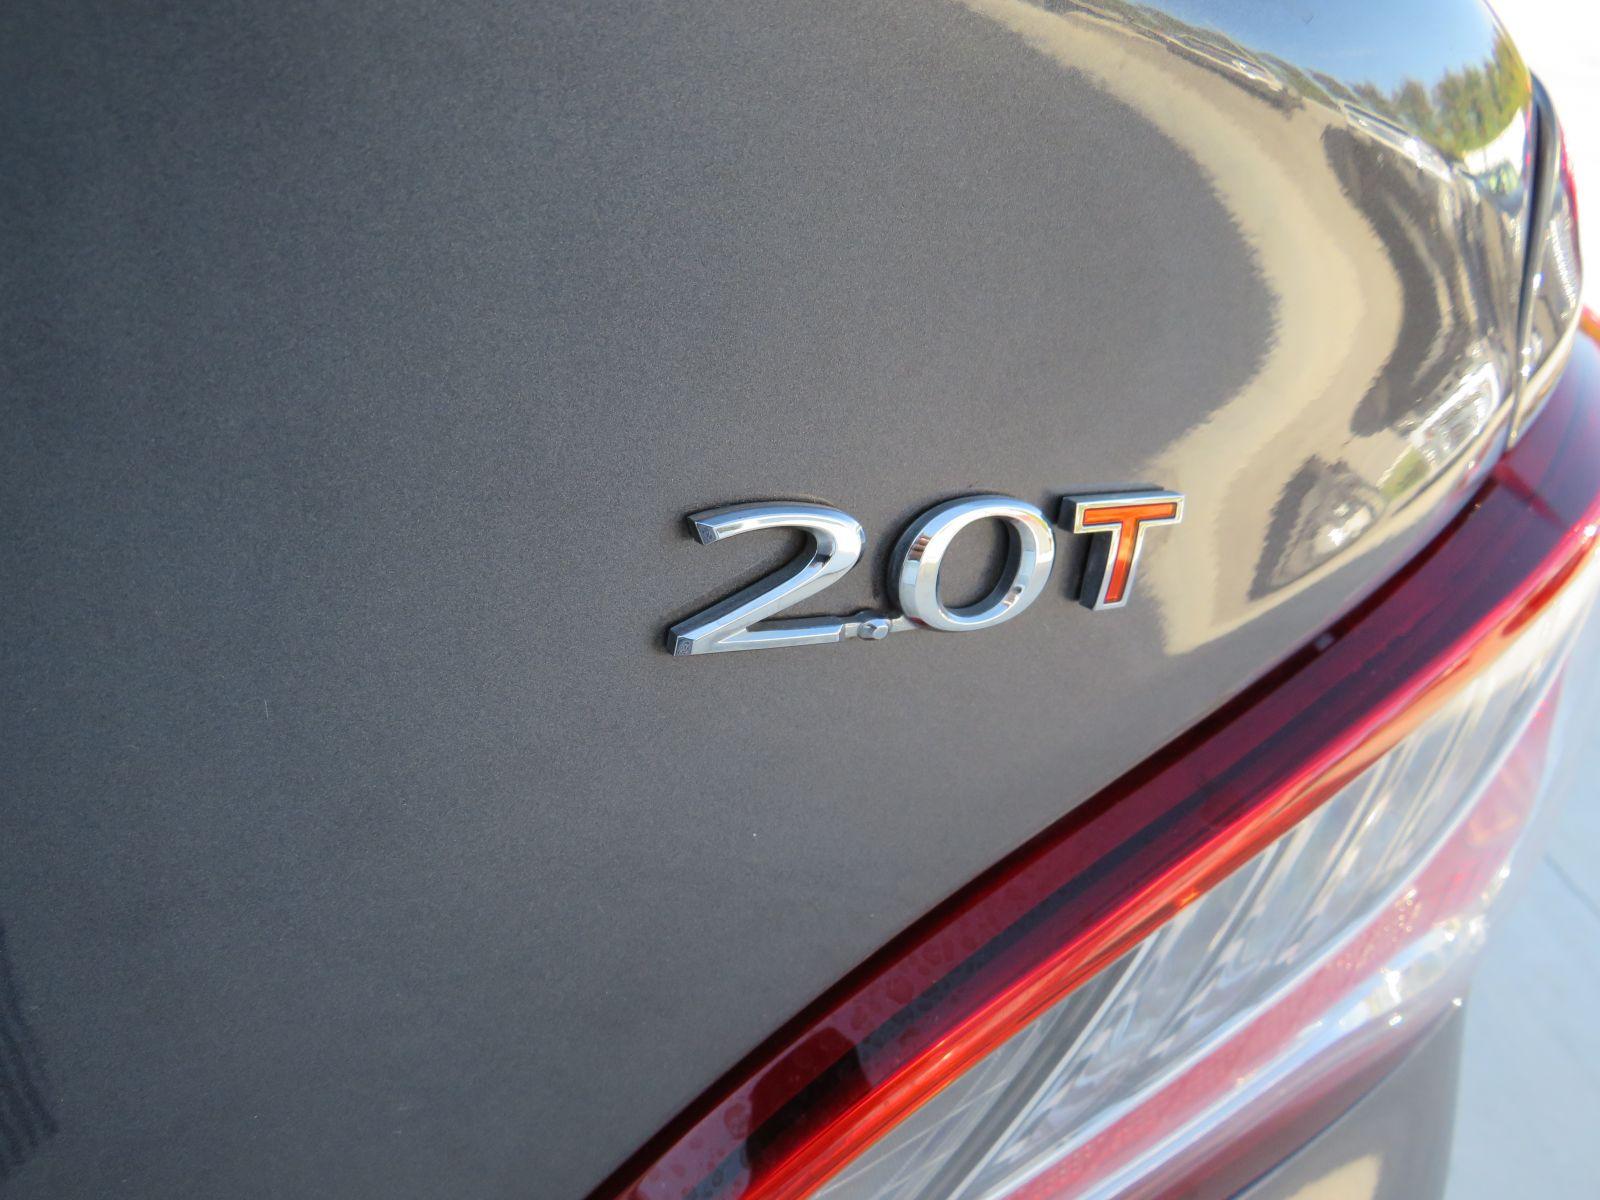 2014 Hyundai Genesis Coupe